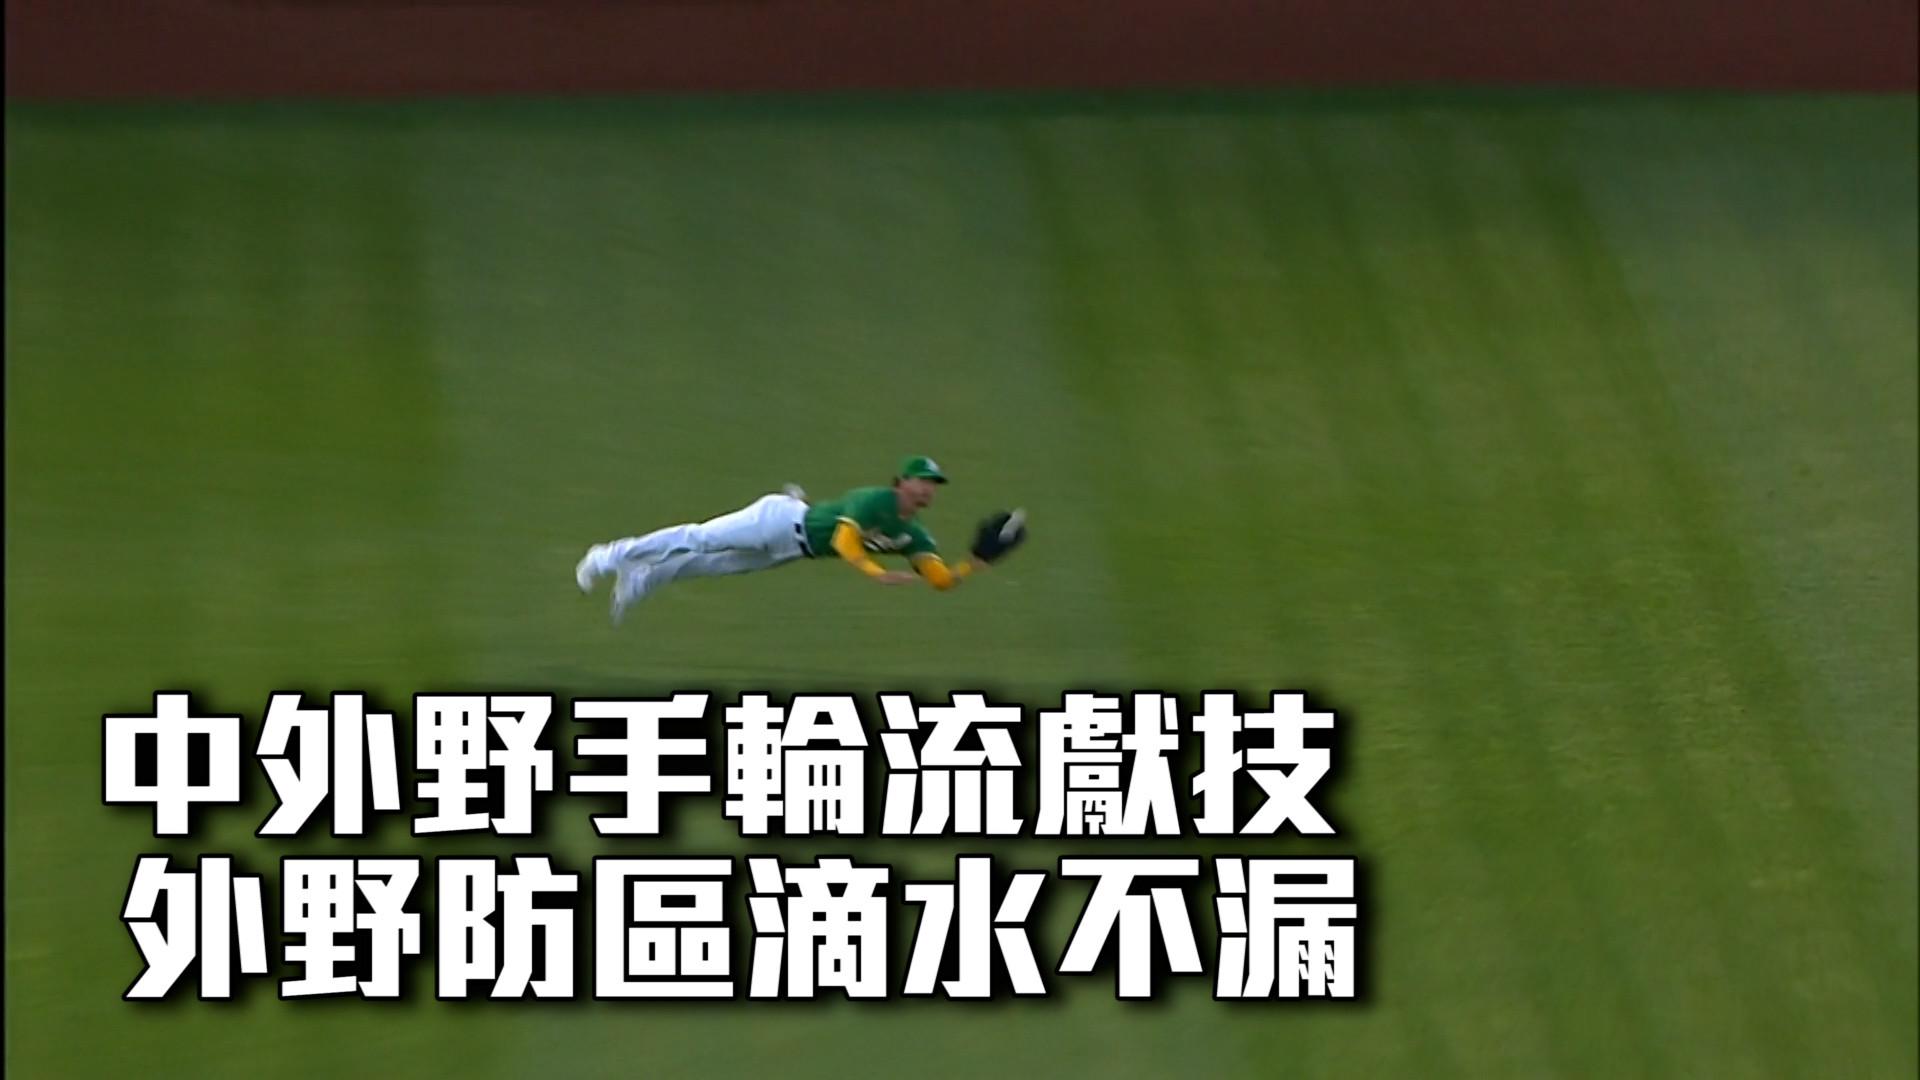 【MLB看愛爾達】美國職棒大聯盟 五大精彩好球大放送 06/16